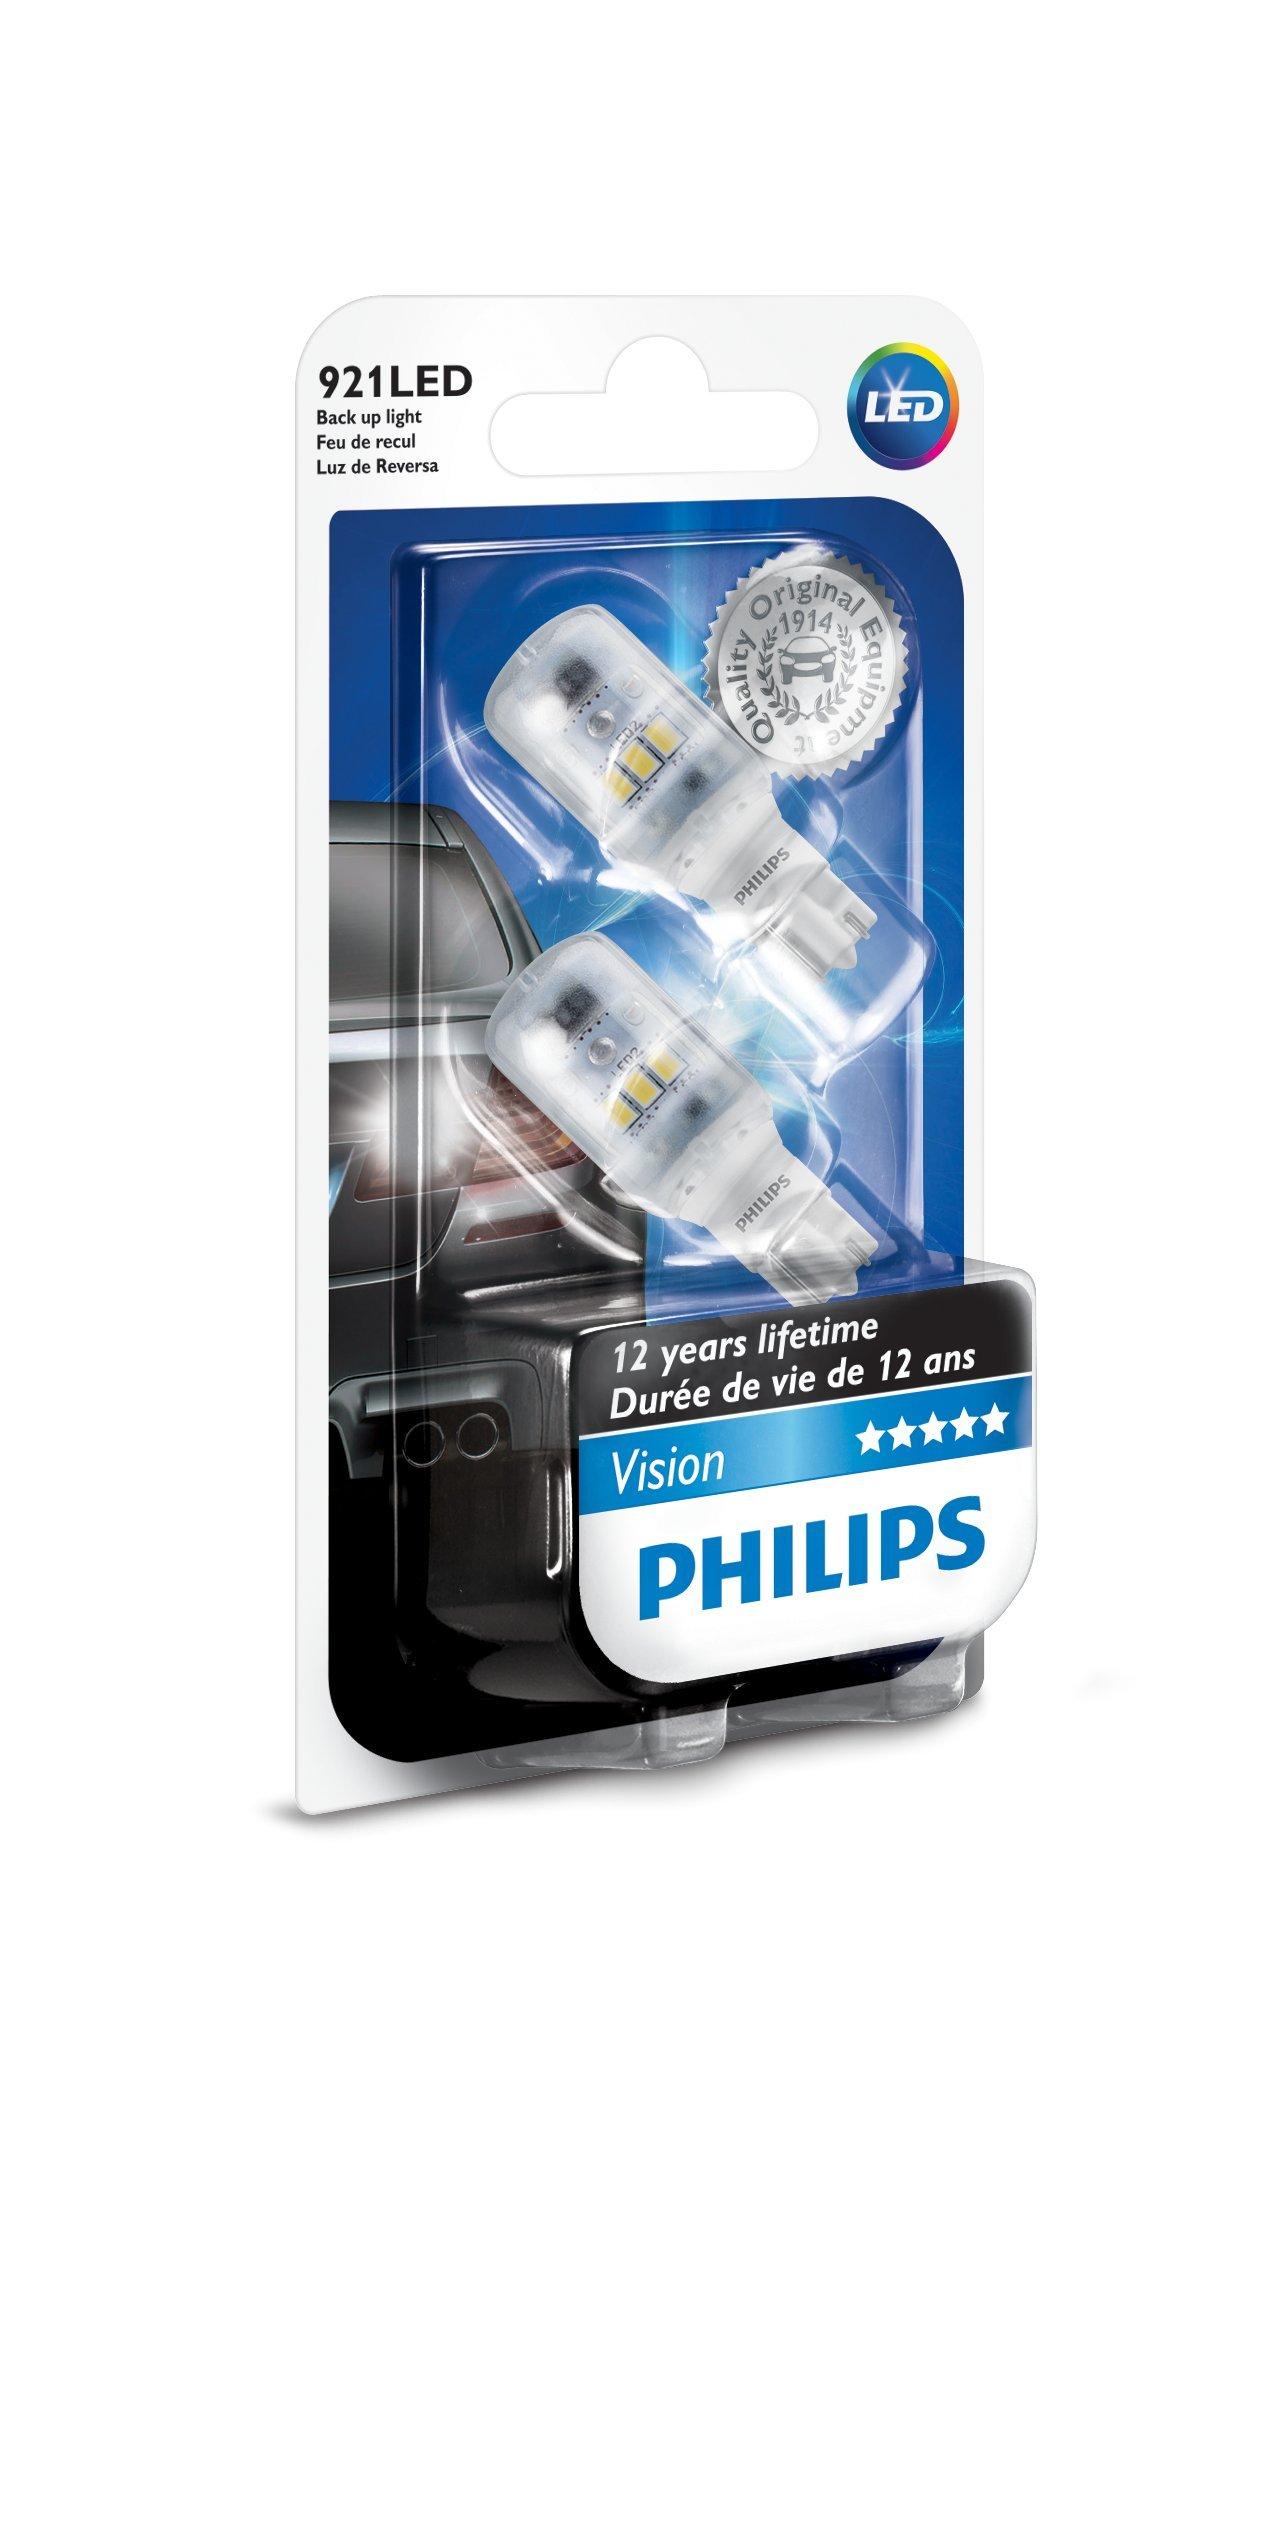 Philips 12789LPB2 Bright White Vision LED Back-up Light (921/T16), 2 Pack